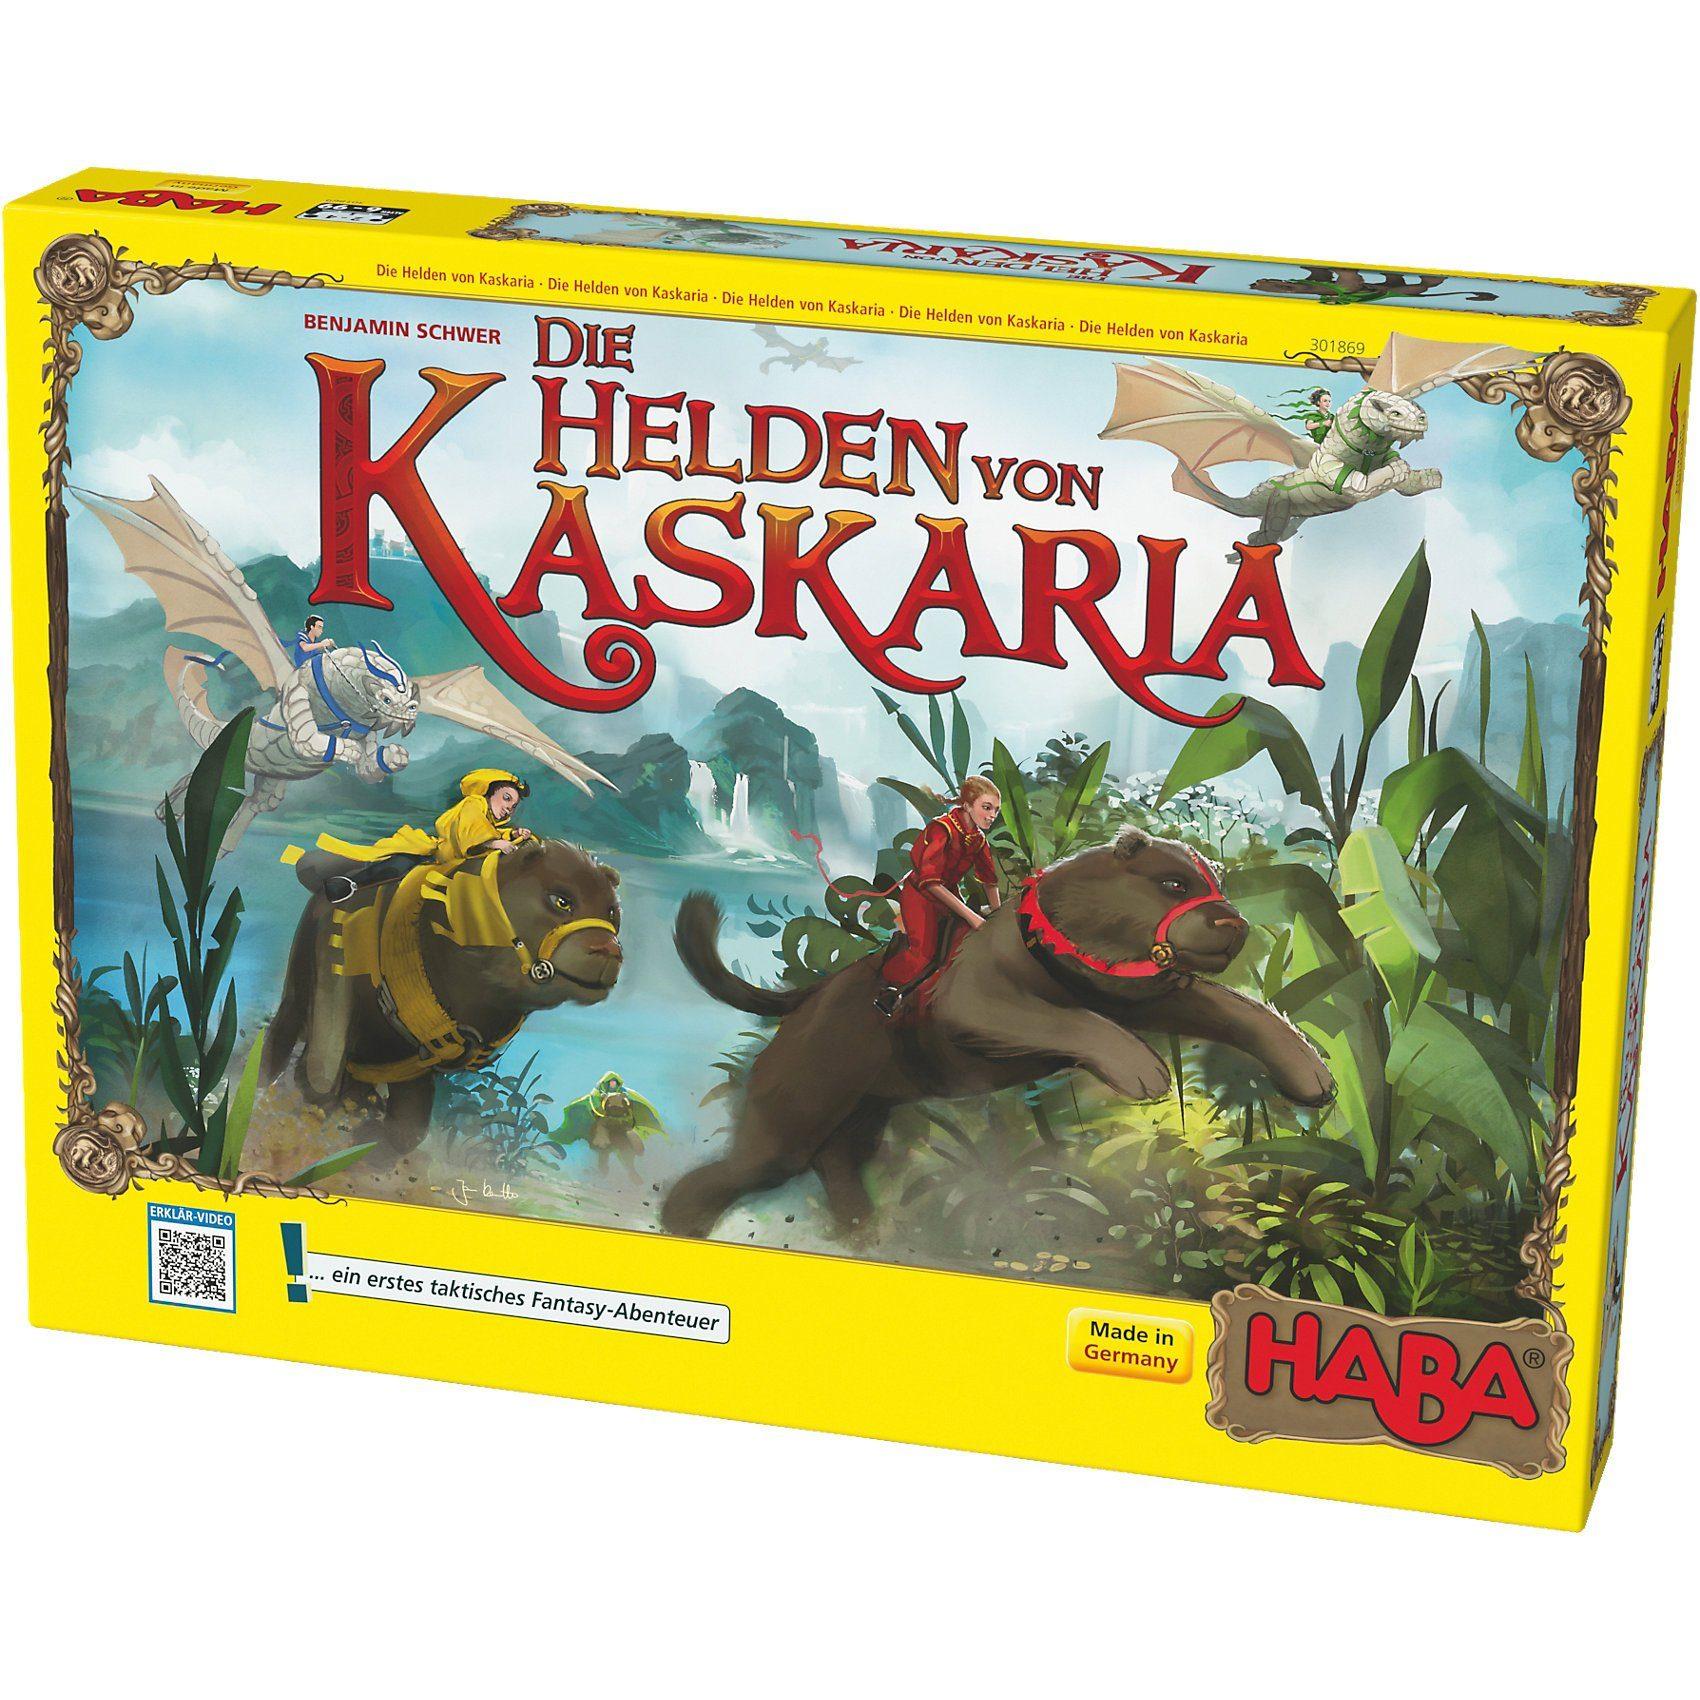 Haba Die Helden von Kaskaria